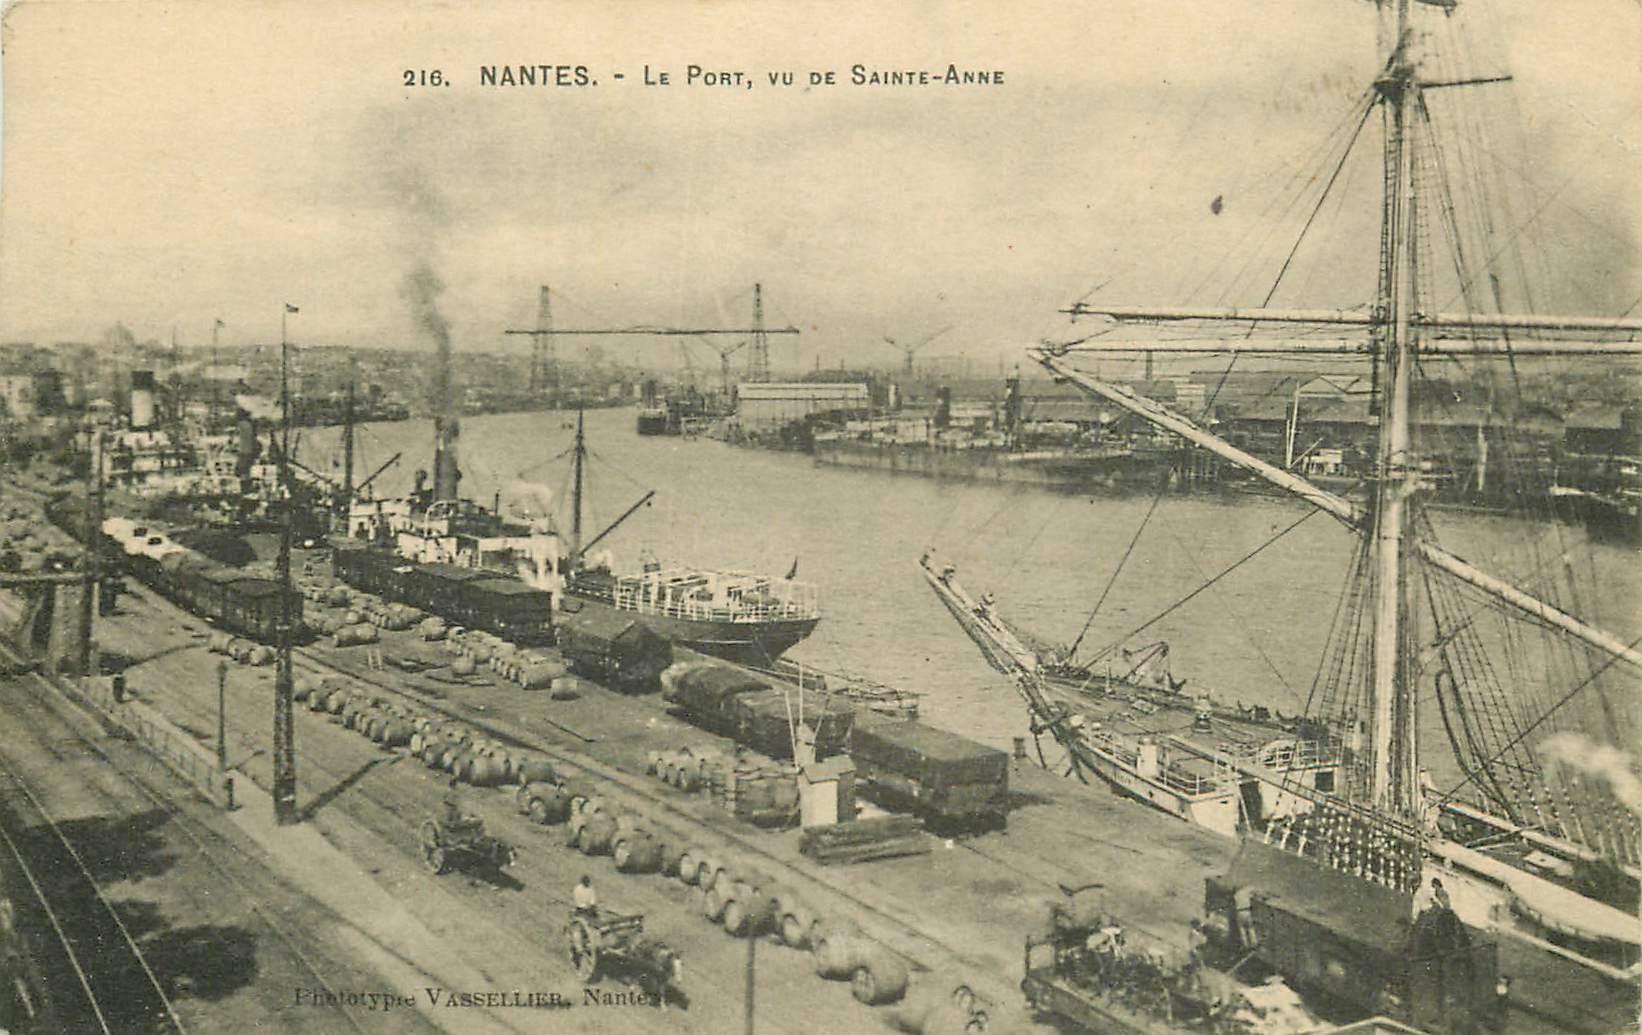 44 NANTES. Le Port vu de Sainte-Anne 1918